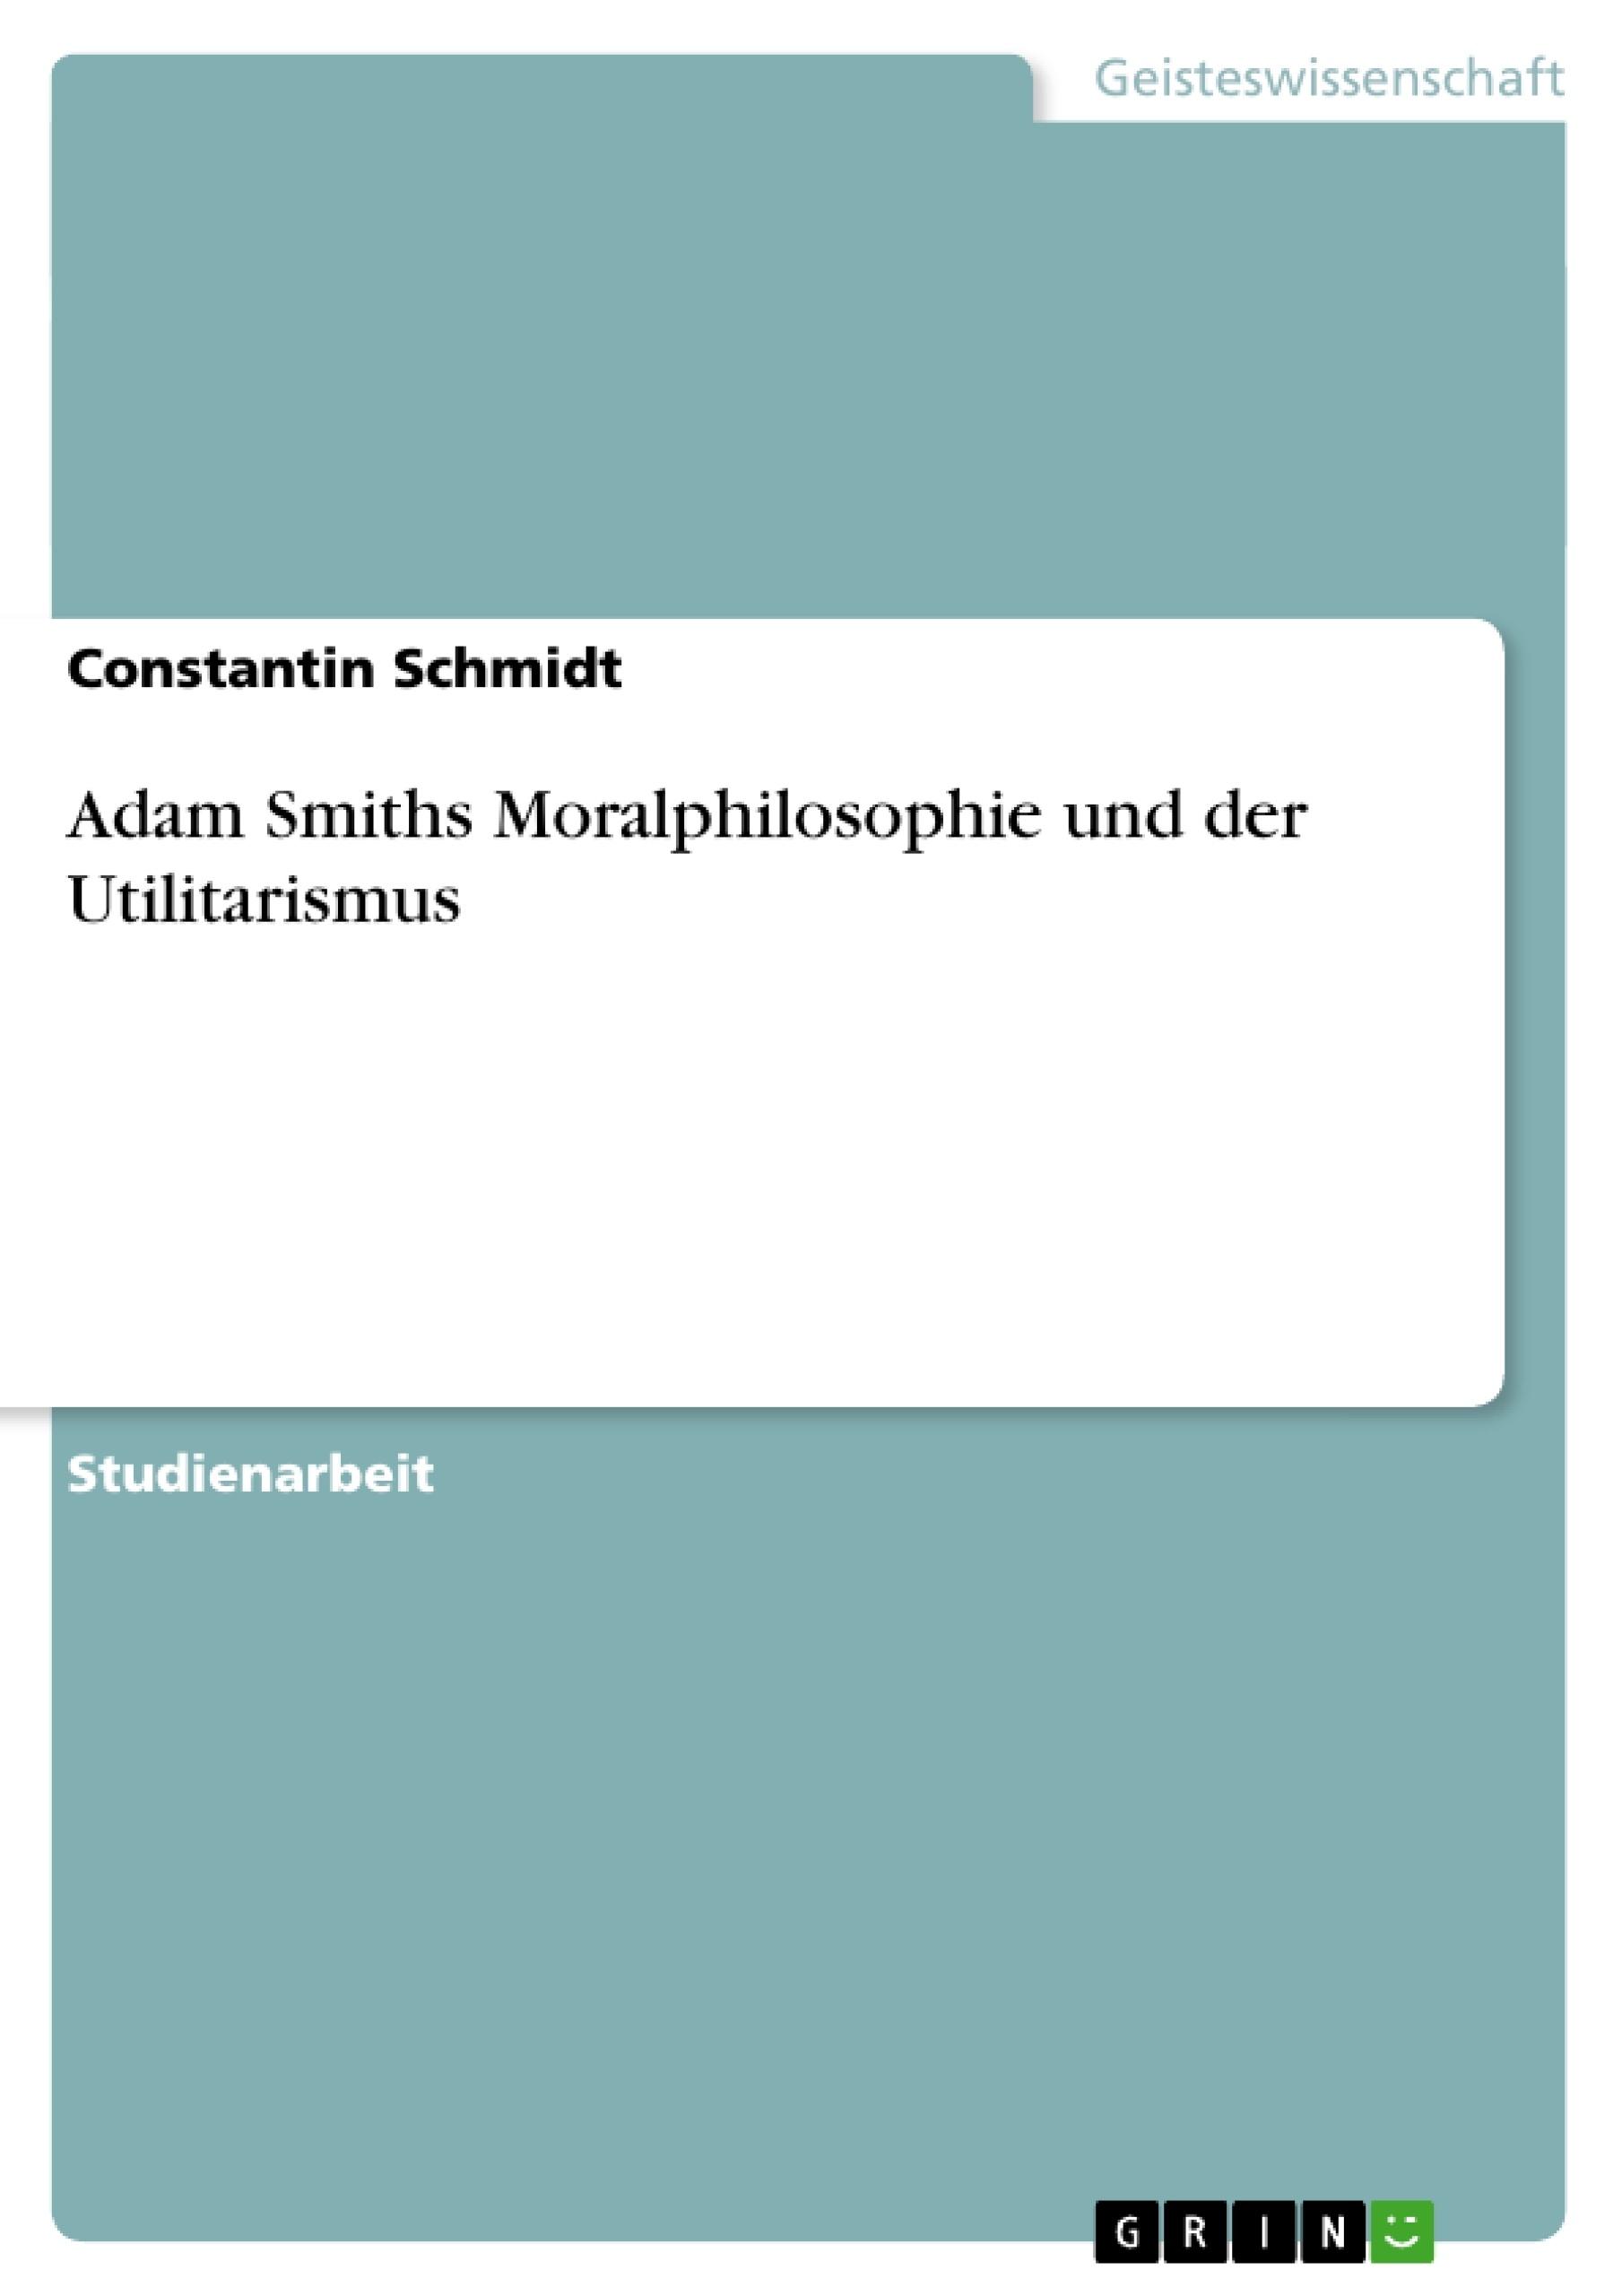 Titel: Adam Smiths Moralphilosophie und der Utilitarismus